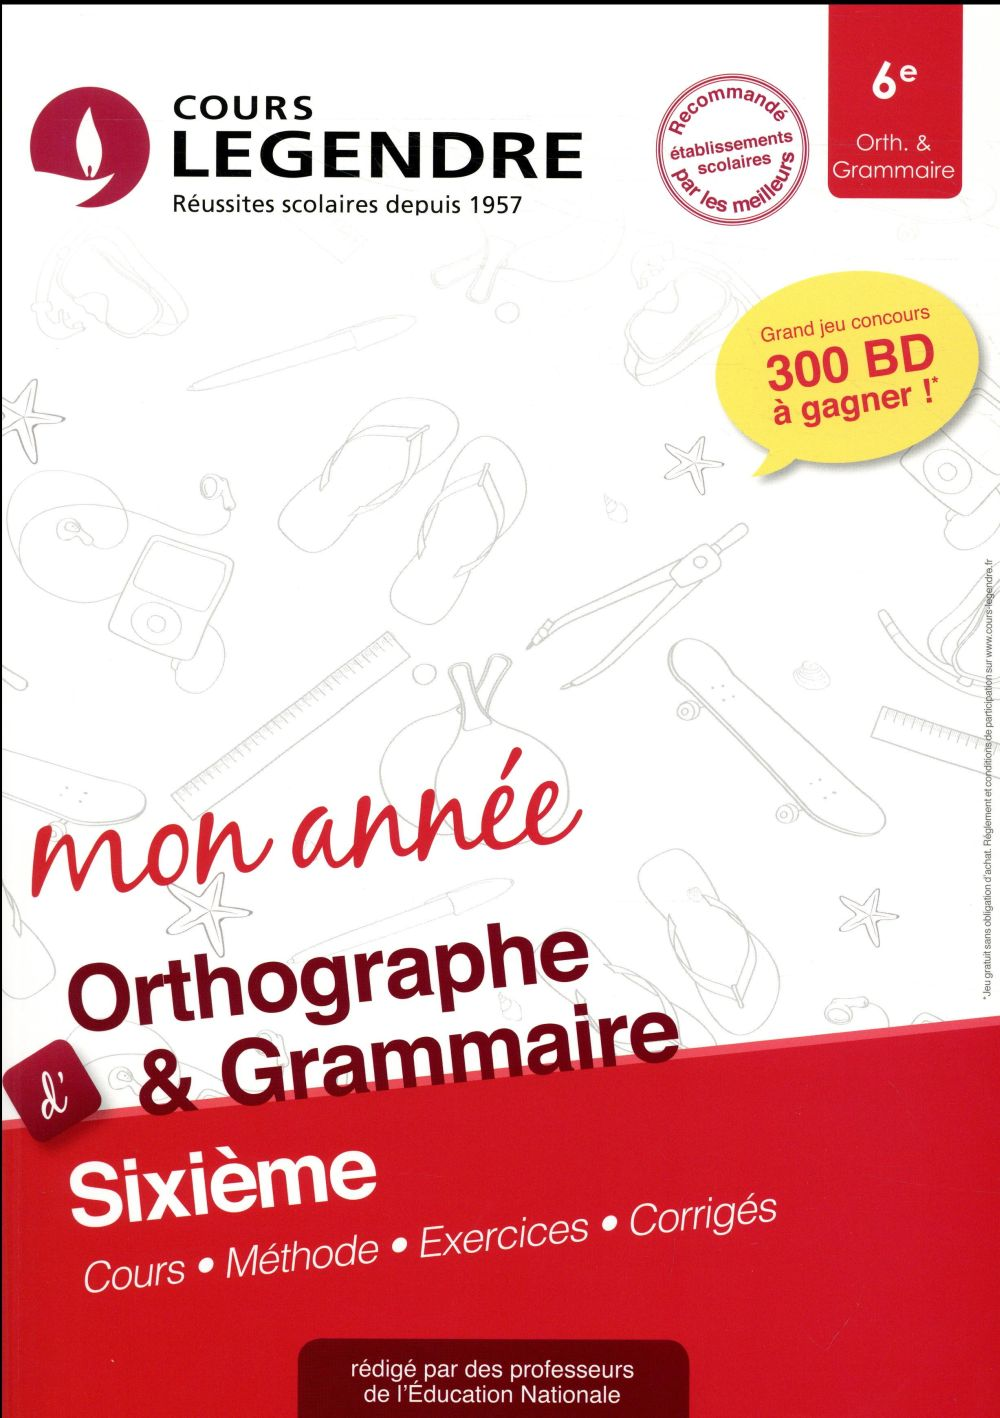 Cours Legendre ; orthographe grammaire ; 6e mon année (édition 2018)